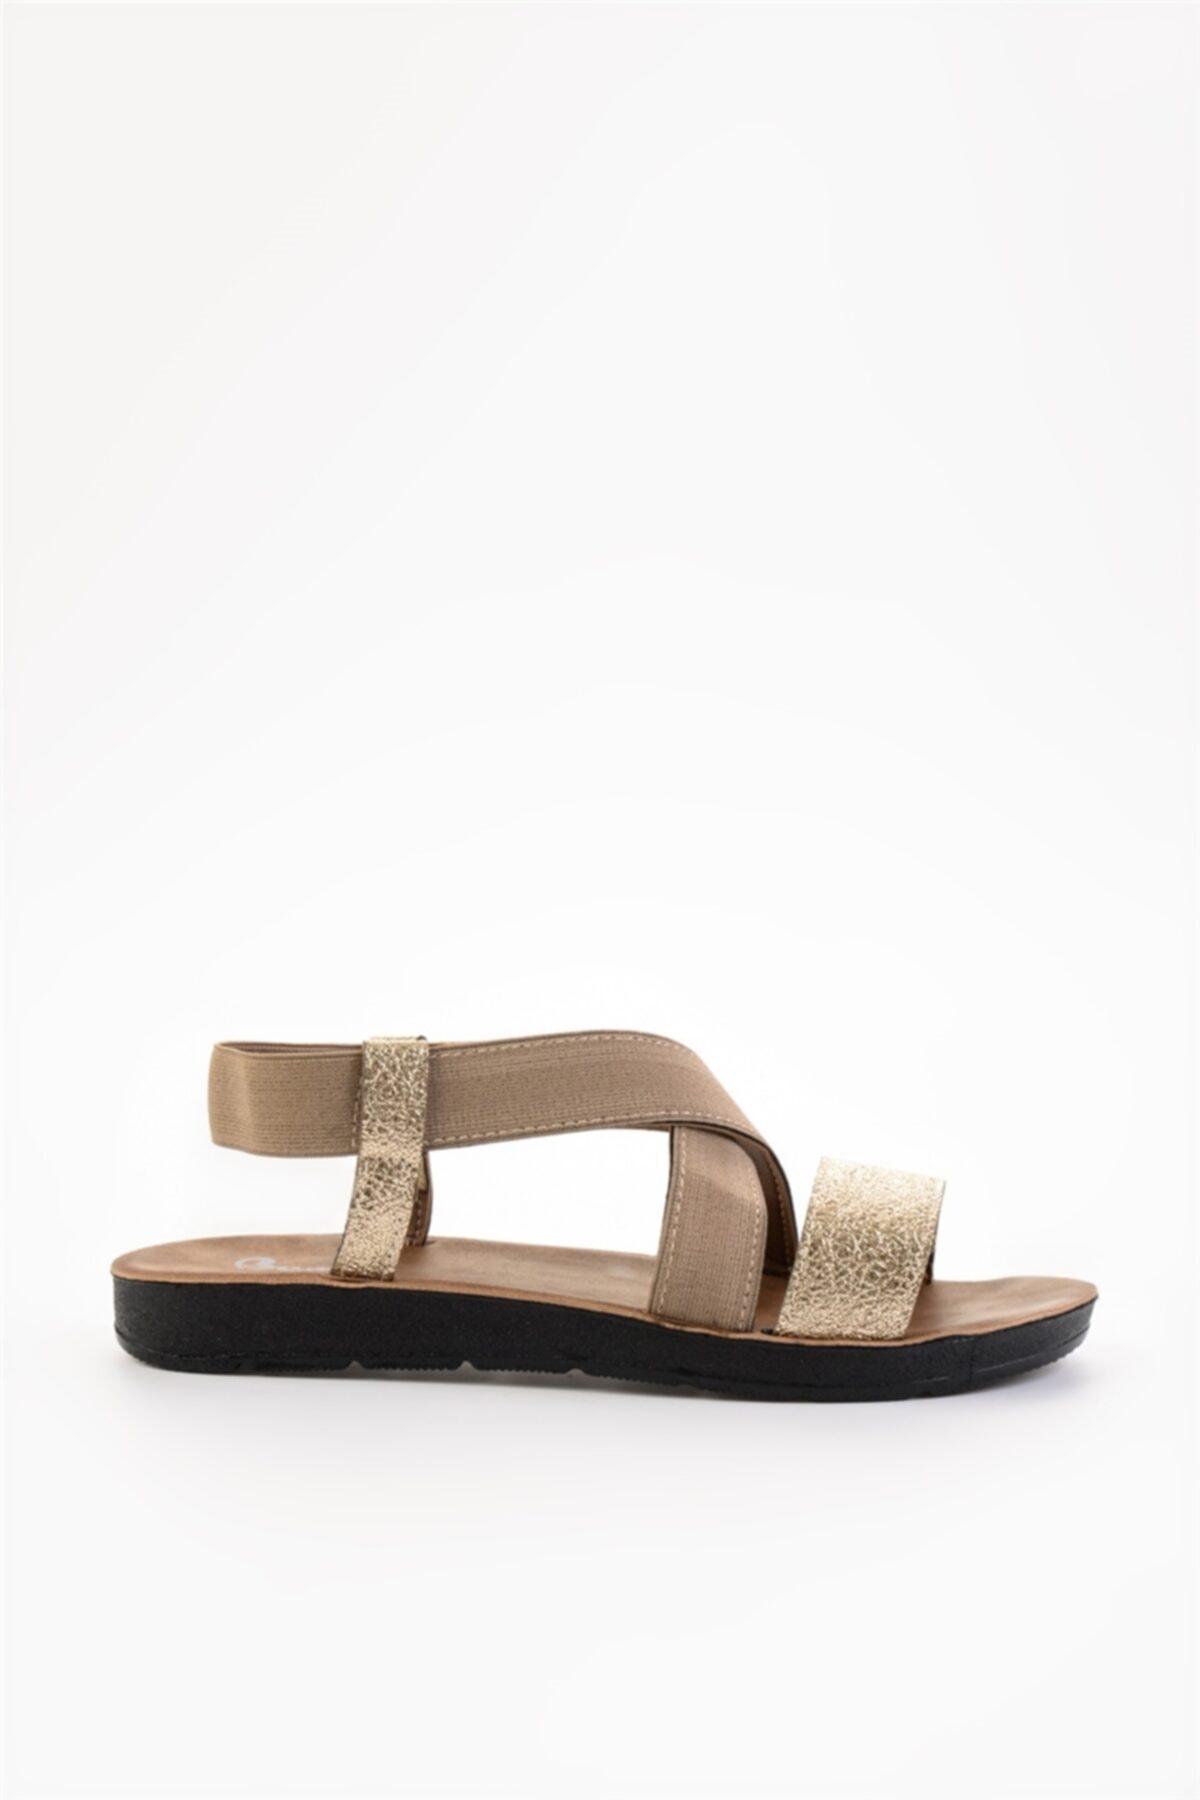 Bambi L.altın/camel Lastik Kadın Sandalet L0642222210 2